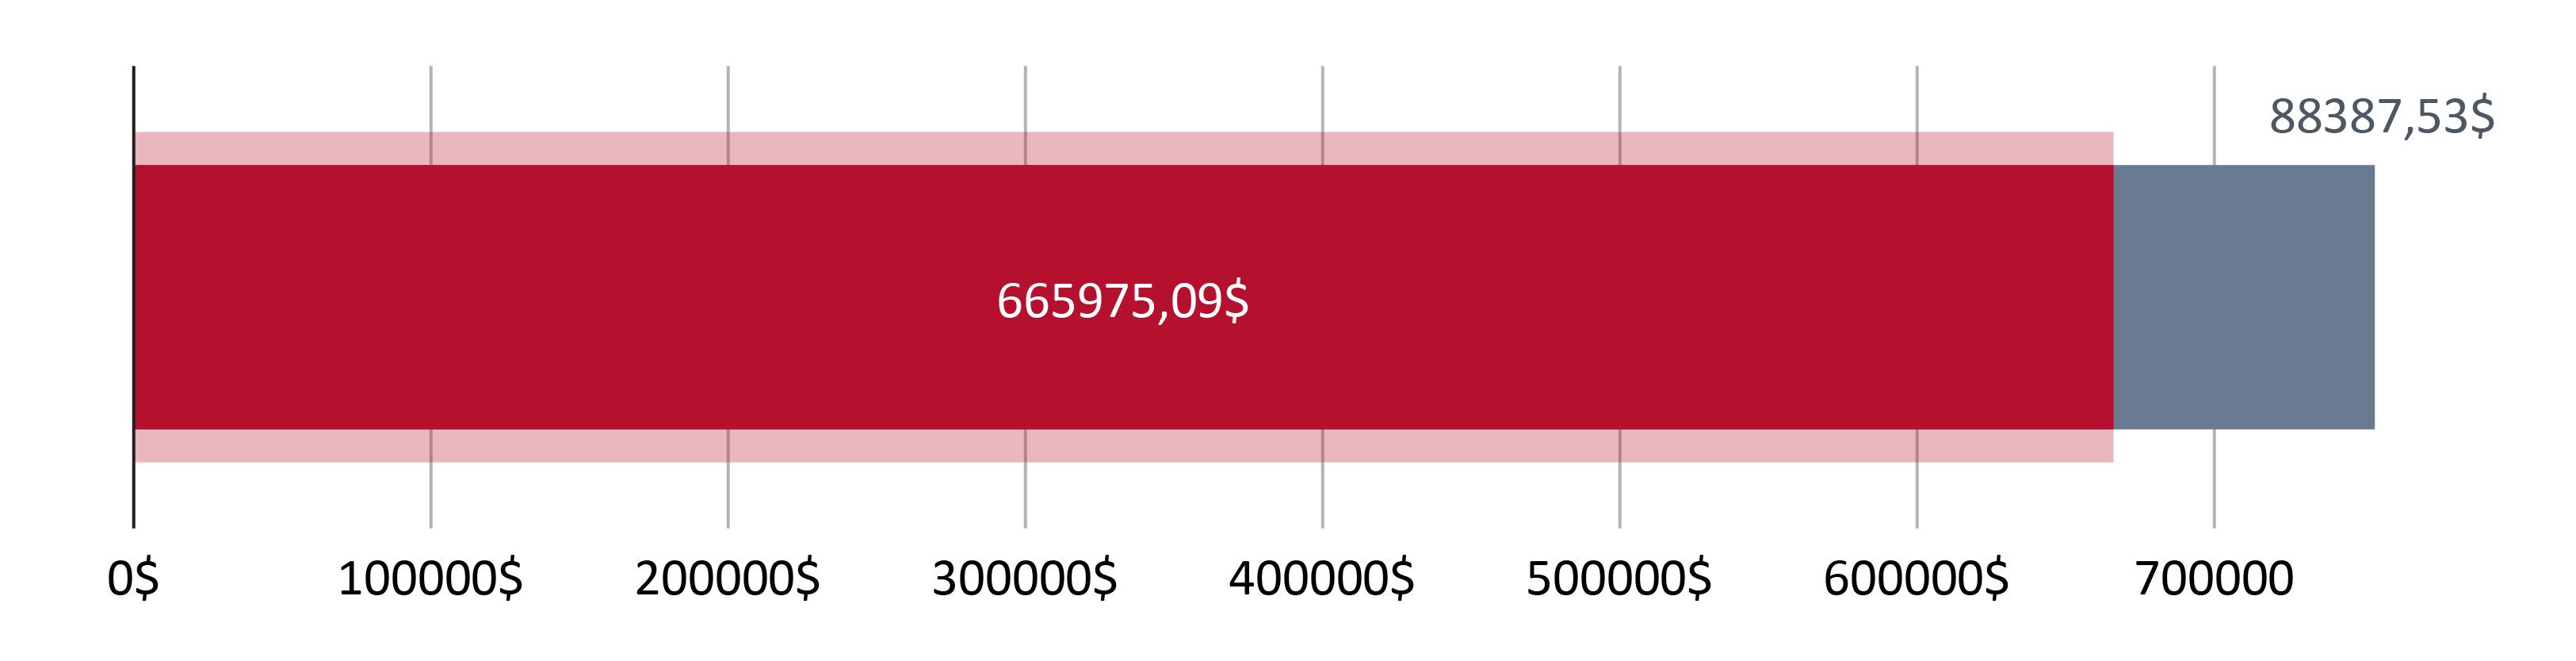 665975,09$ bağışlandı; 88387,53$ kaldı